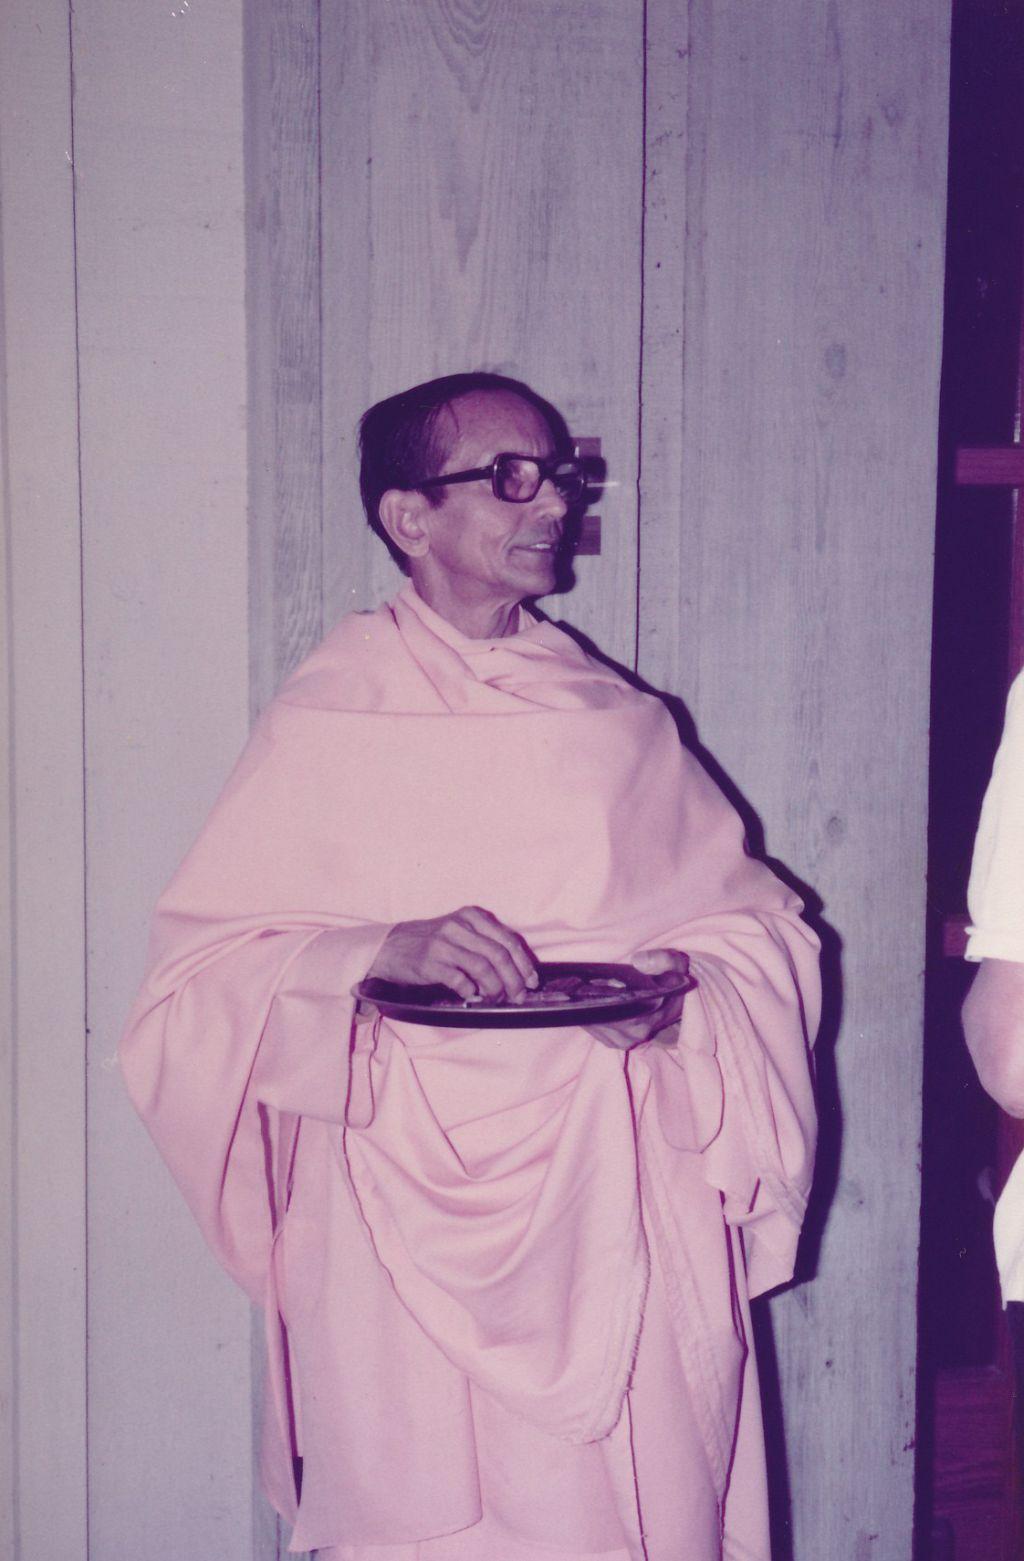 Swami Pramathananda distributing prasad